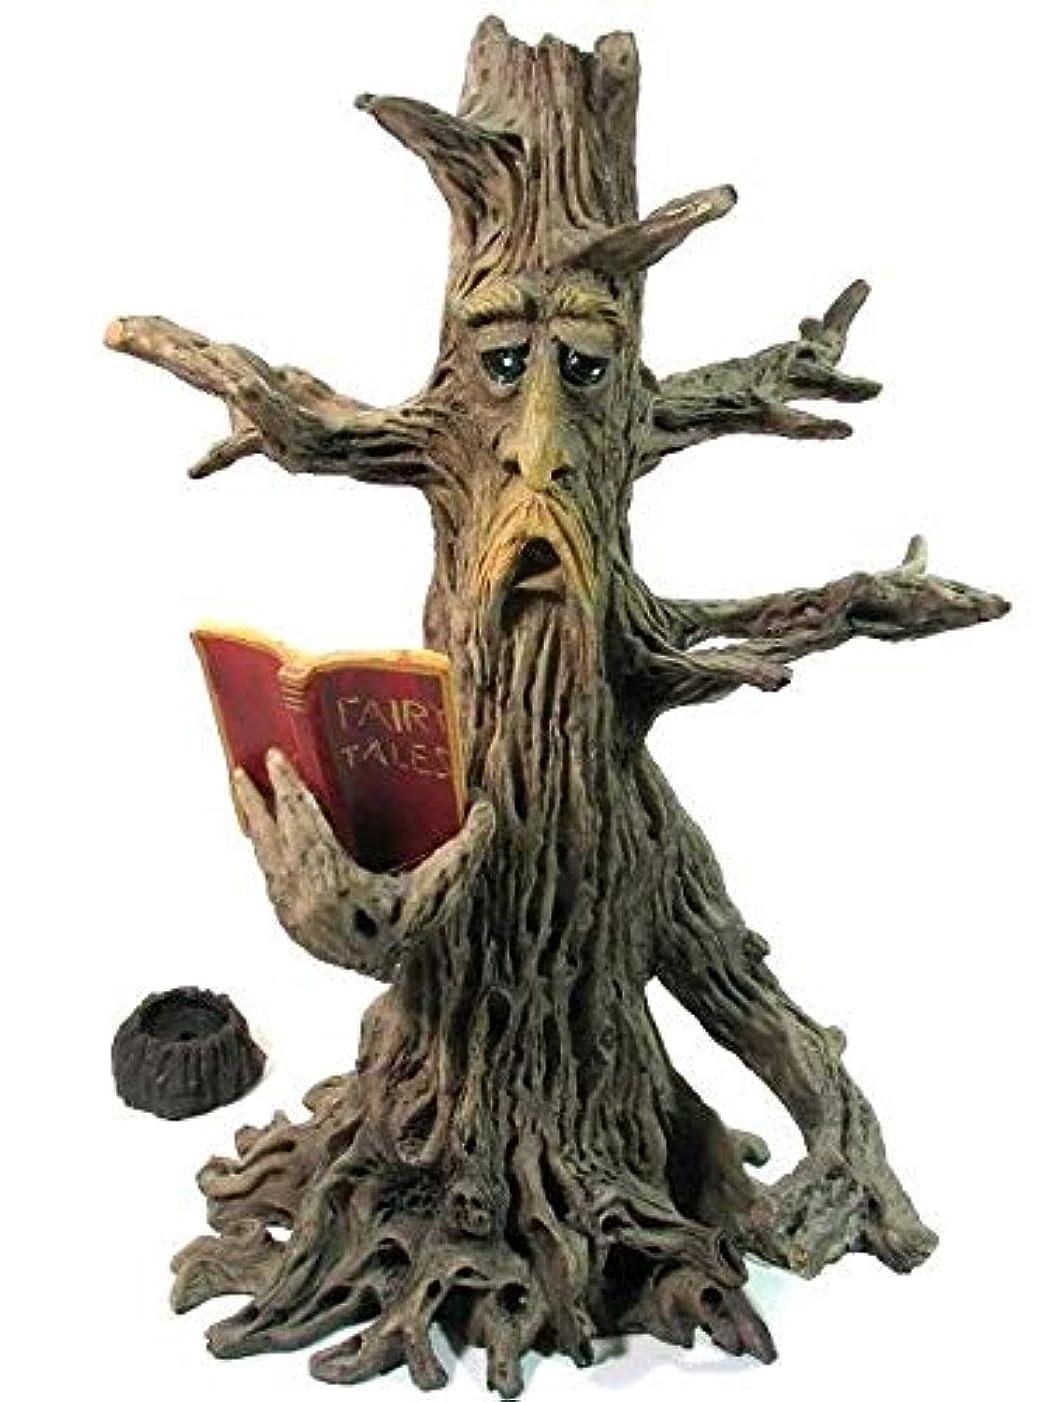 特権的紛争掃除[INCENSE GOODS(インセンスグッズ)] TREE MAN READING BOOK INCENSE BURNER 木の精香立